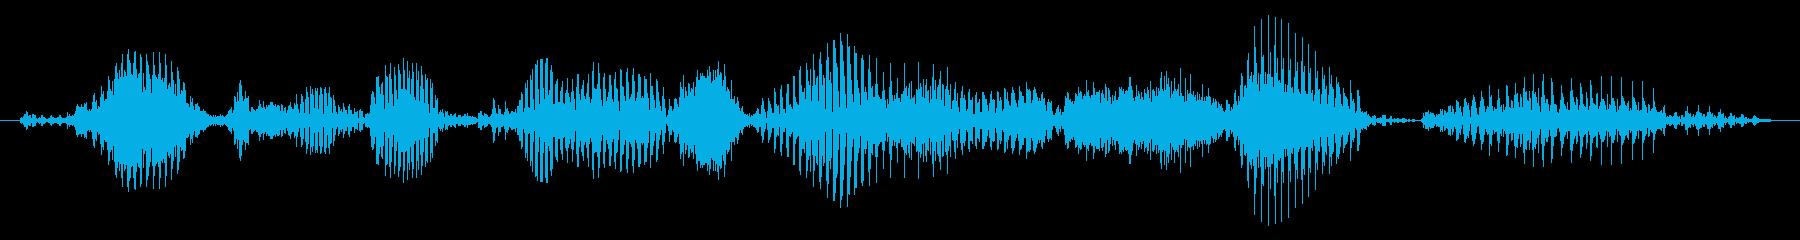 実力の差を教えてやるの再生済みの波形